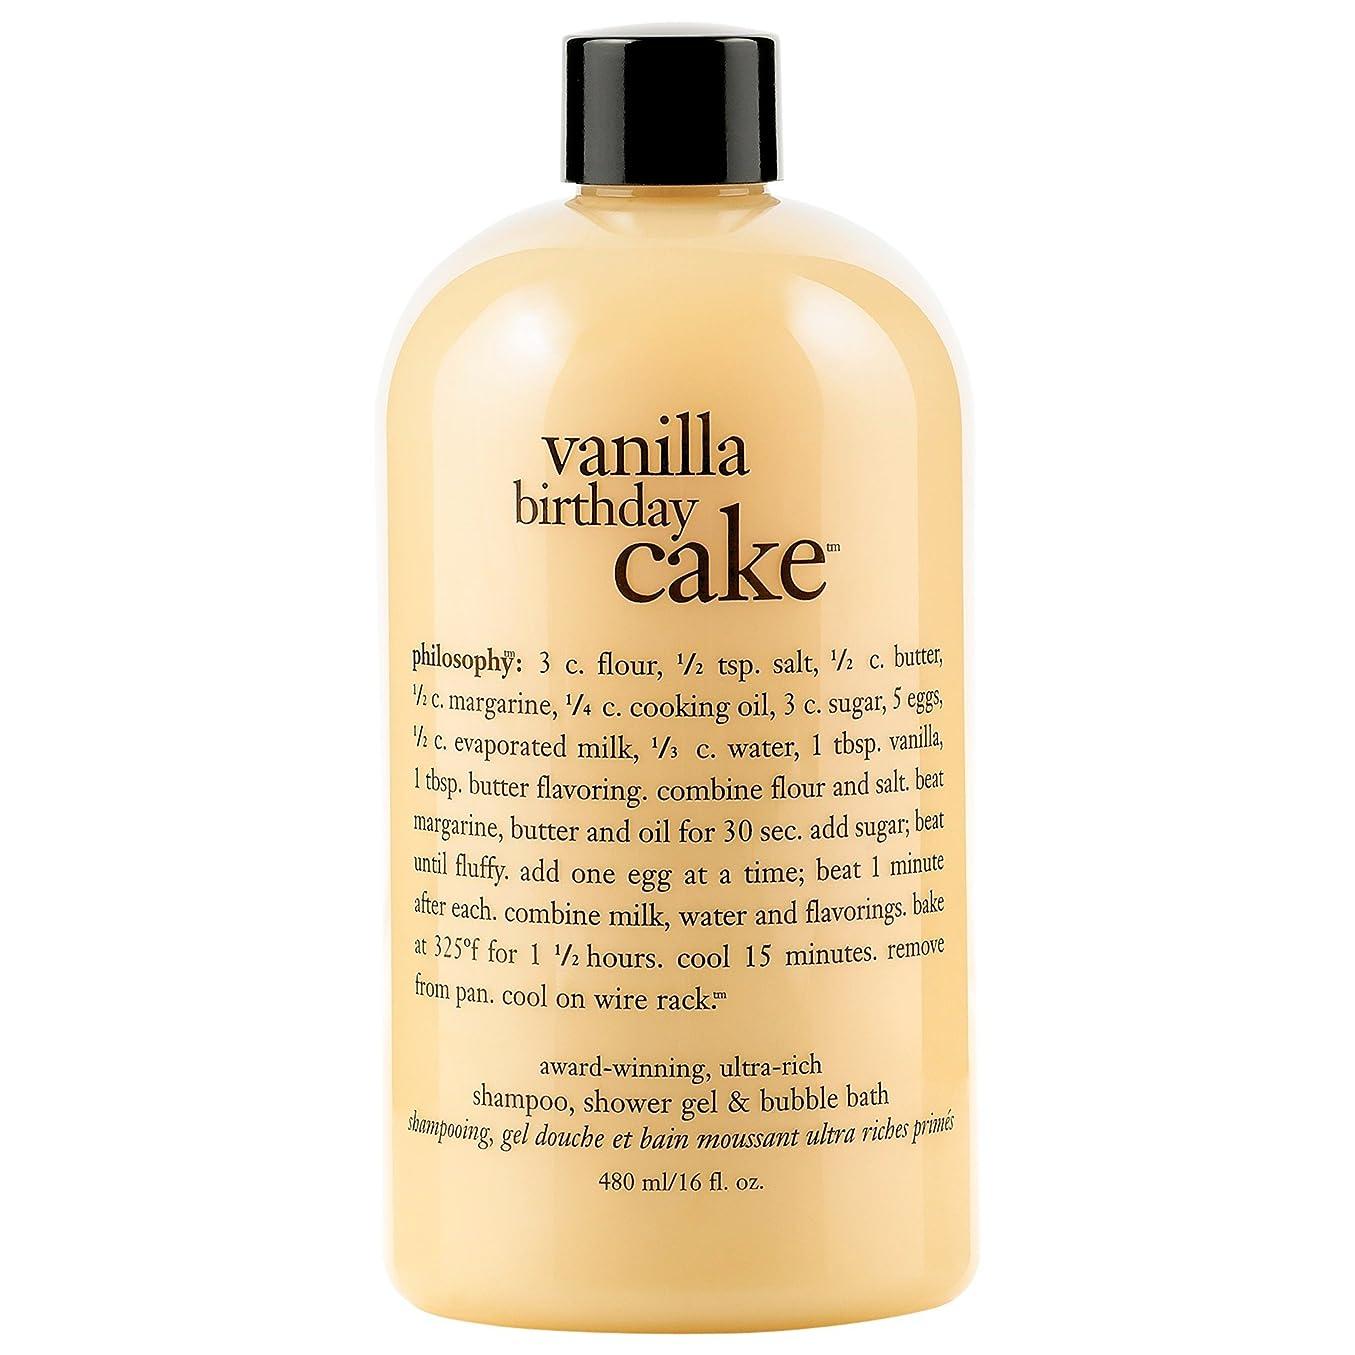 規制上に築きますかみそり哲学バニラバースデーケーキシャンプー/シャワージェル/バブルバス480ミリリットル (Philosophy) (x6) - Philosophy Vanilla Birthday Cake Shampoo/Shower Gel/Bubble Bath 480ml (Pack of 6) [並行輸入品]